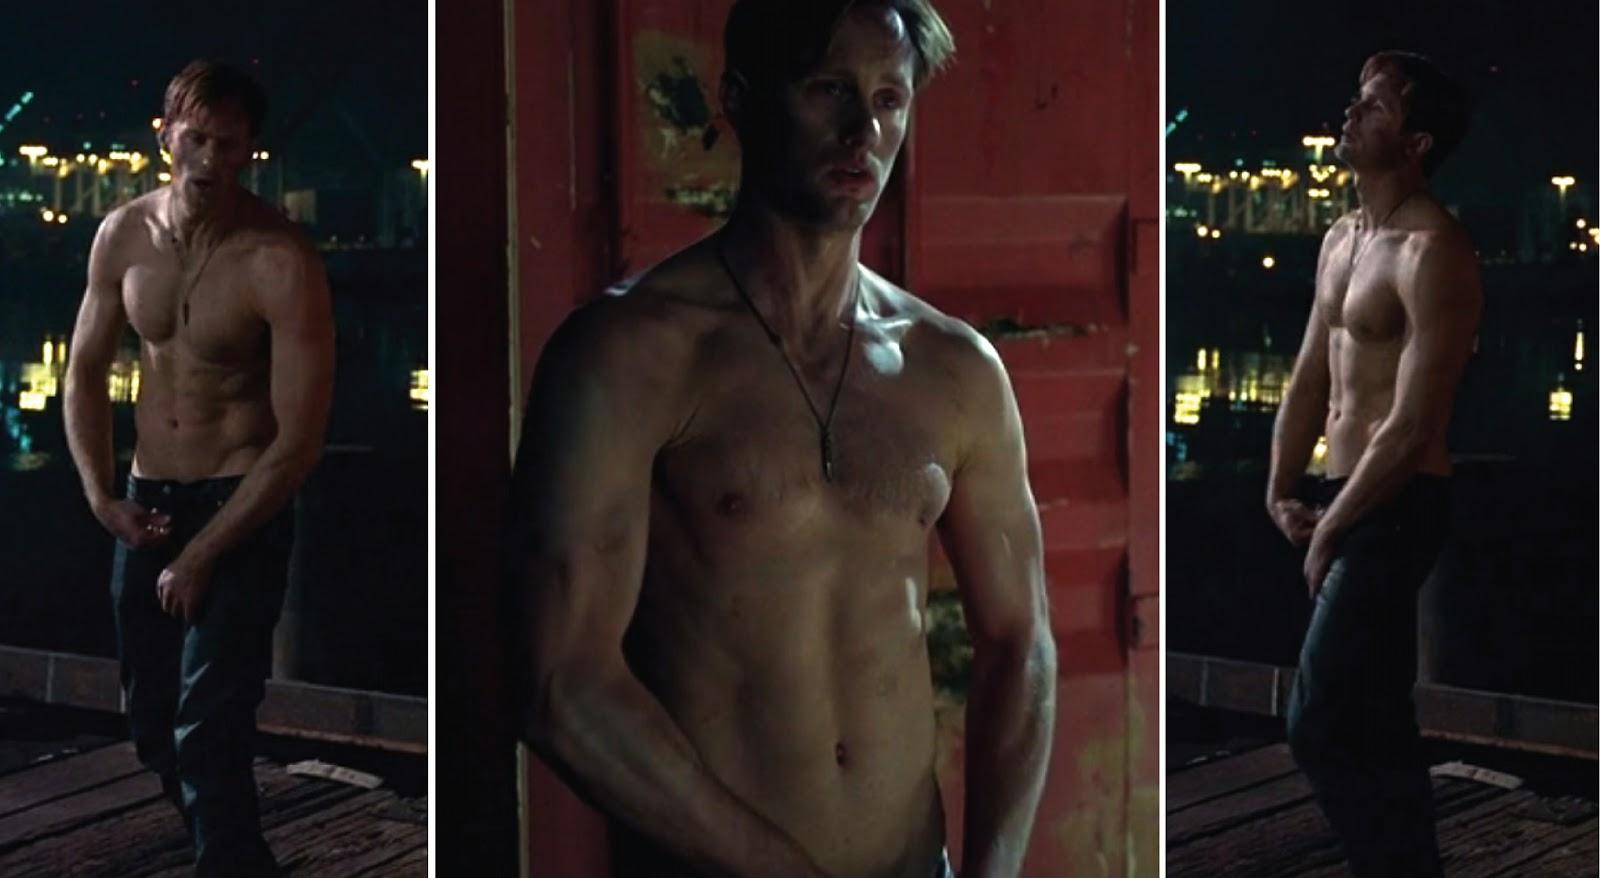 http://2.bp.blogspot.com/-iKI54ocpyfw/T9oA5PUKlyI/AAAAAAABVAg/JMzXmT8TezA/s1600/skarsgard+naked+1.jpg